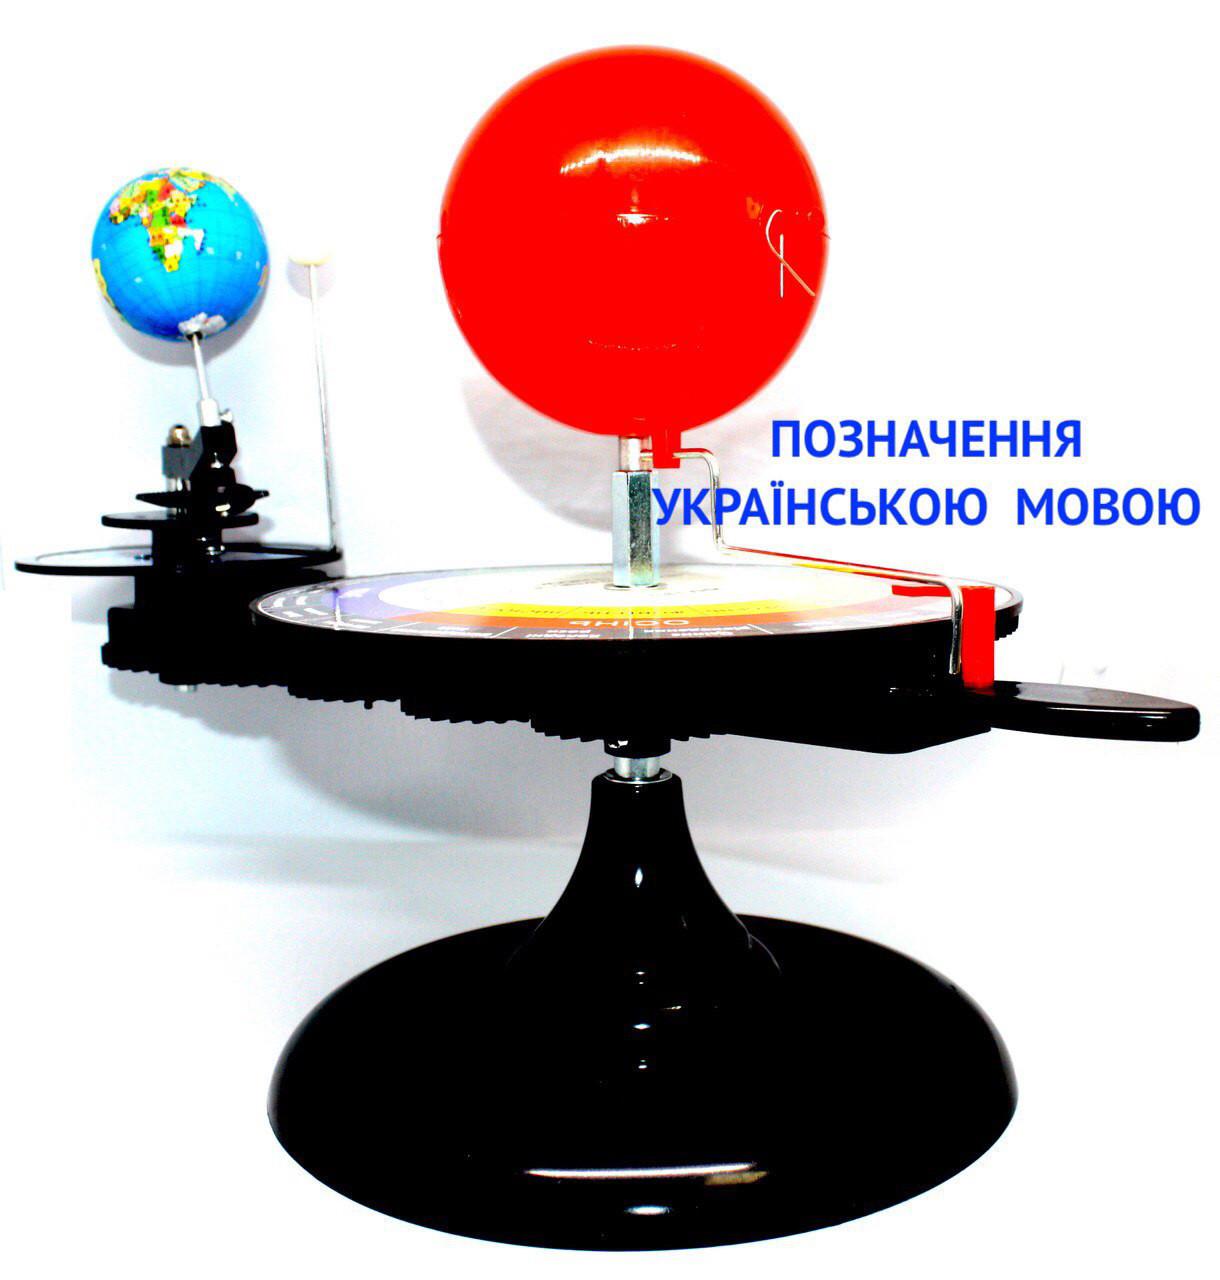 Телурій (Теллурий) Модель Сонце-Земля- Місяць для кабінету географії